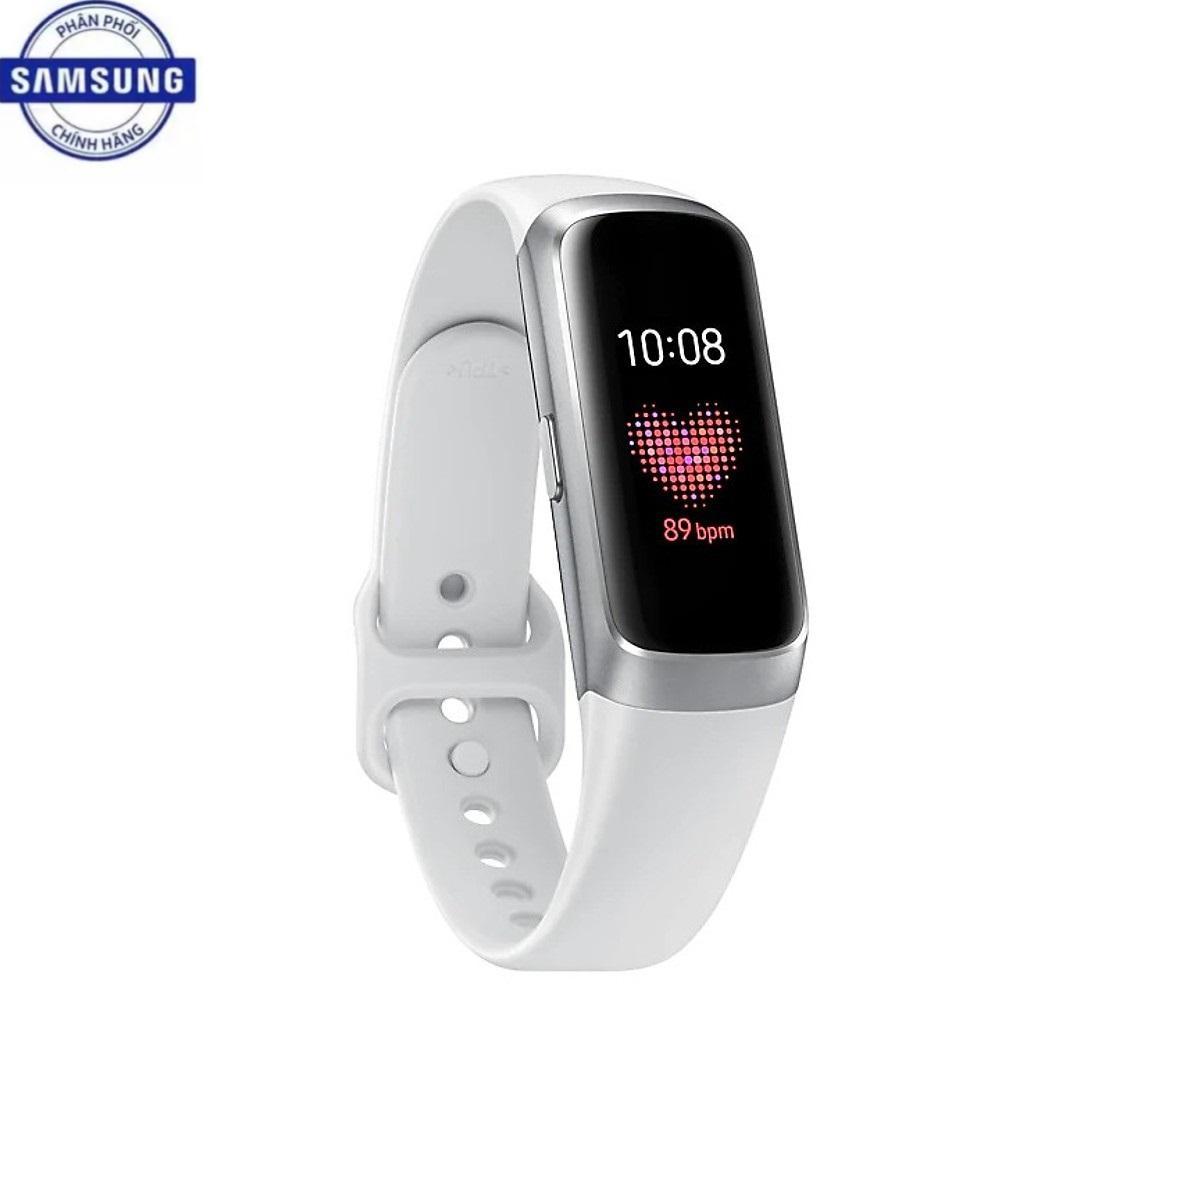 Giá Đồng Hồ Thông Minh Samsung Galaxy Fit SM-R370